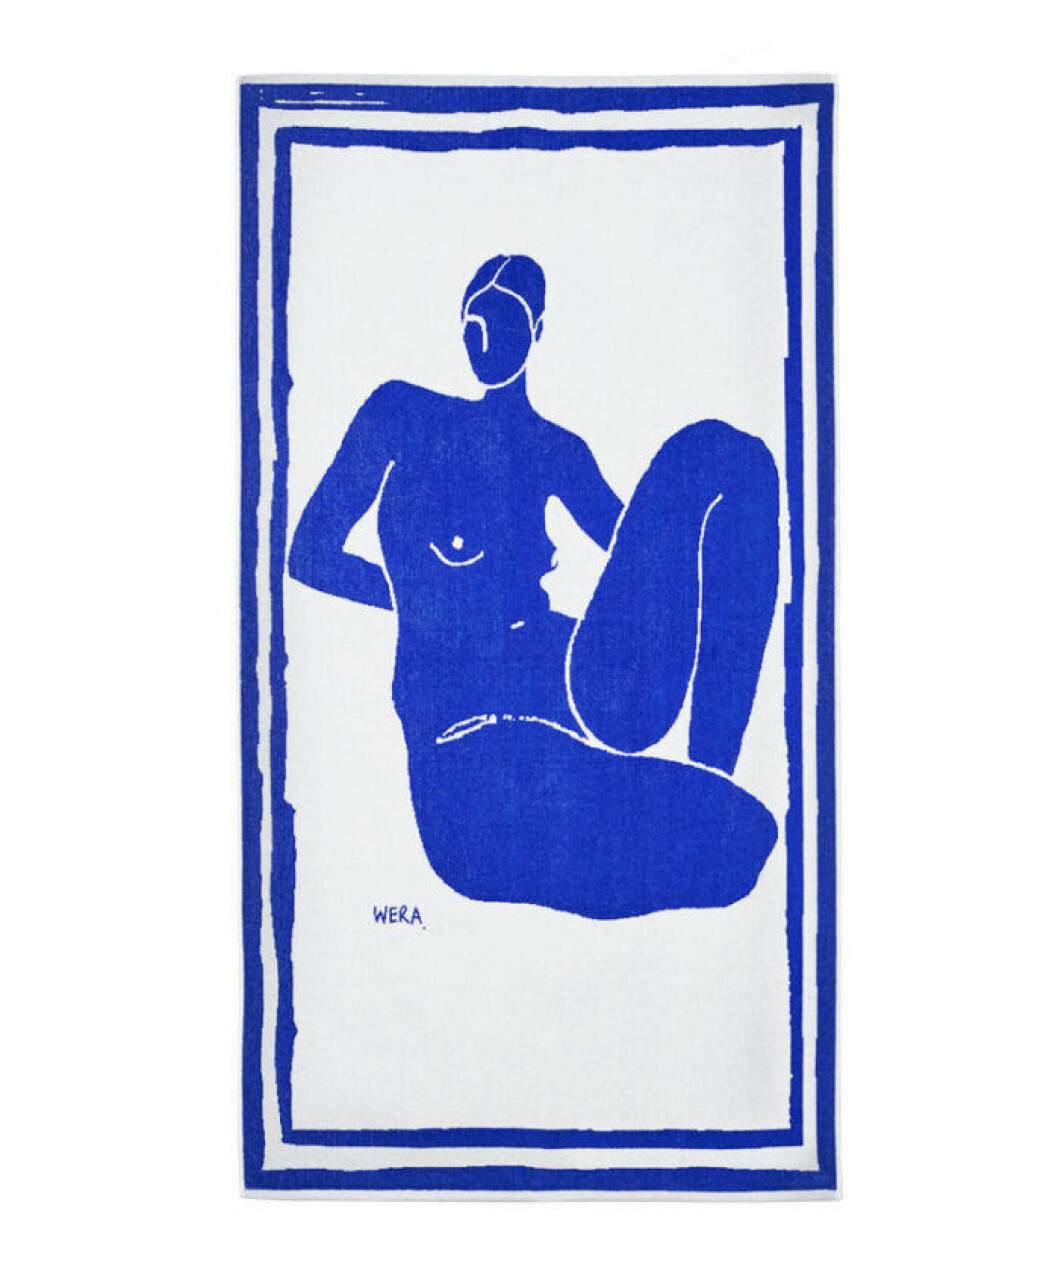 Strandhandduk med motiv från Wera